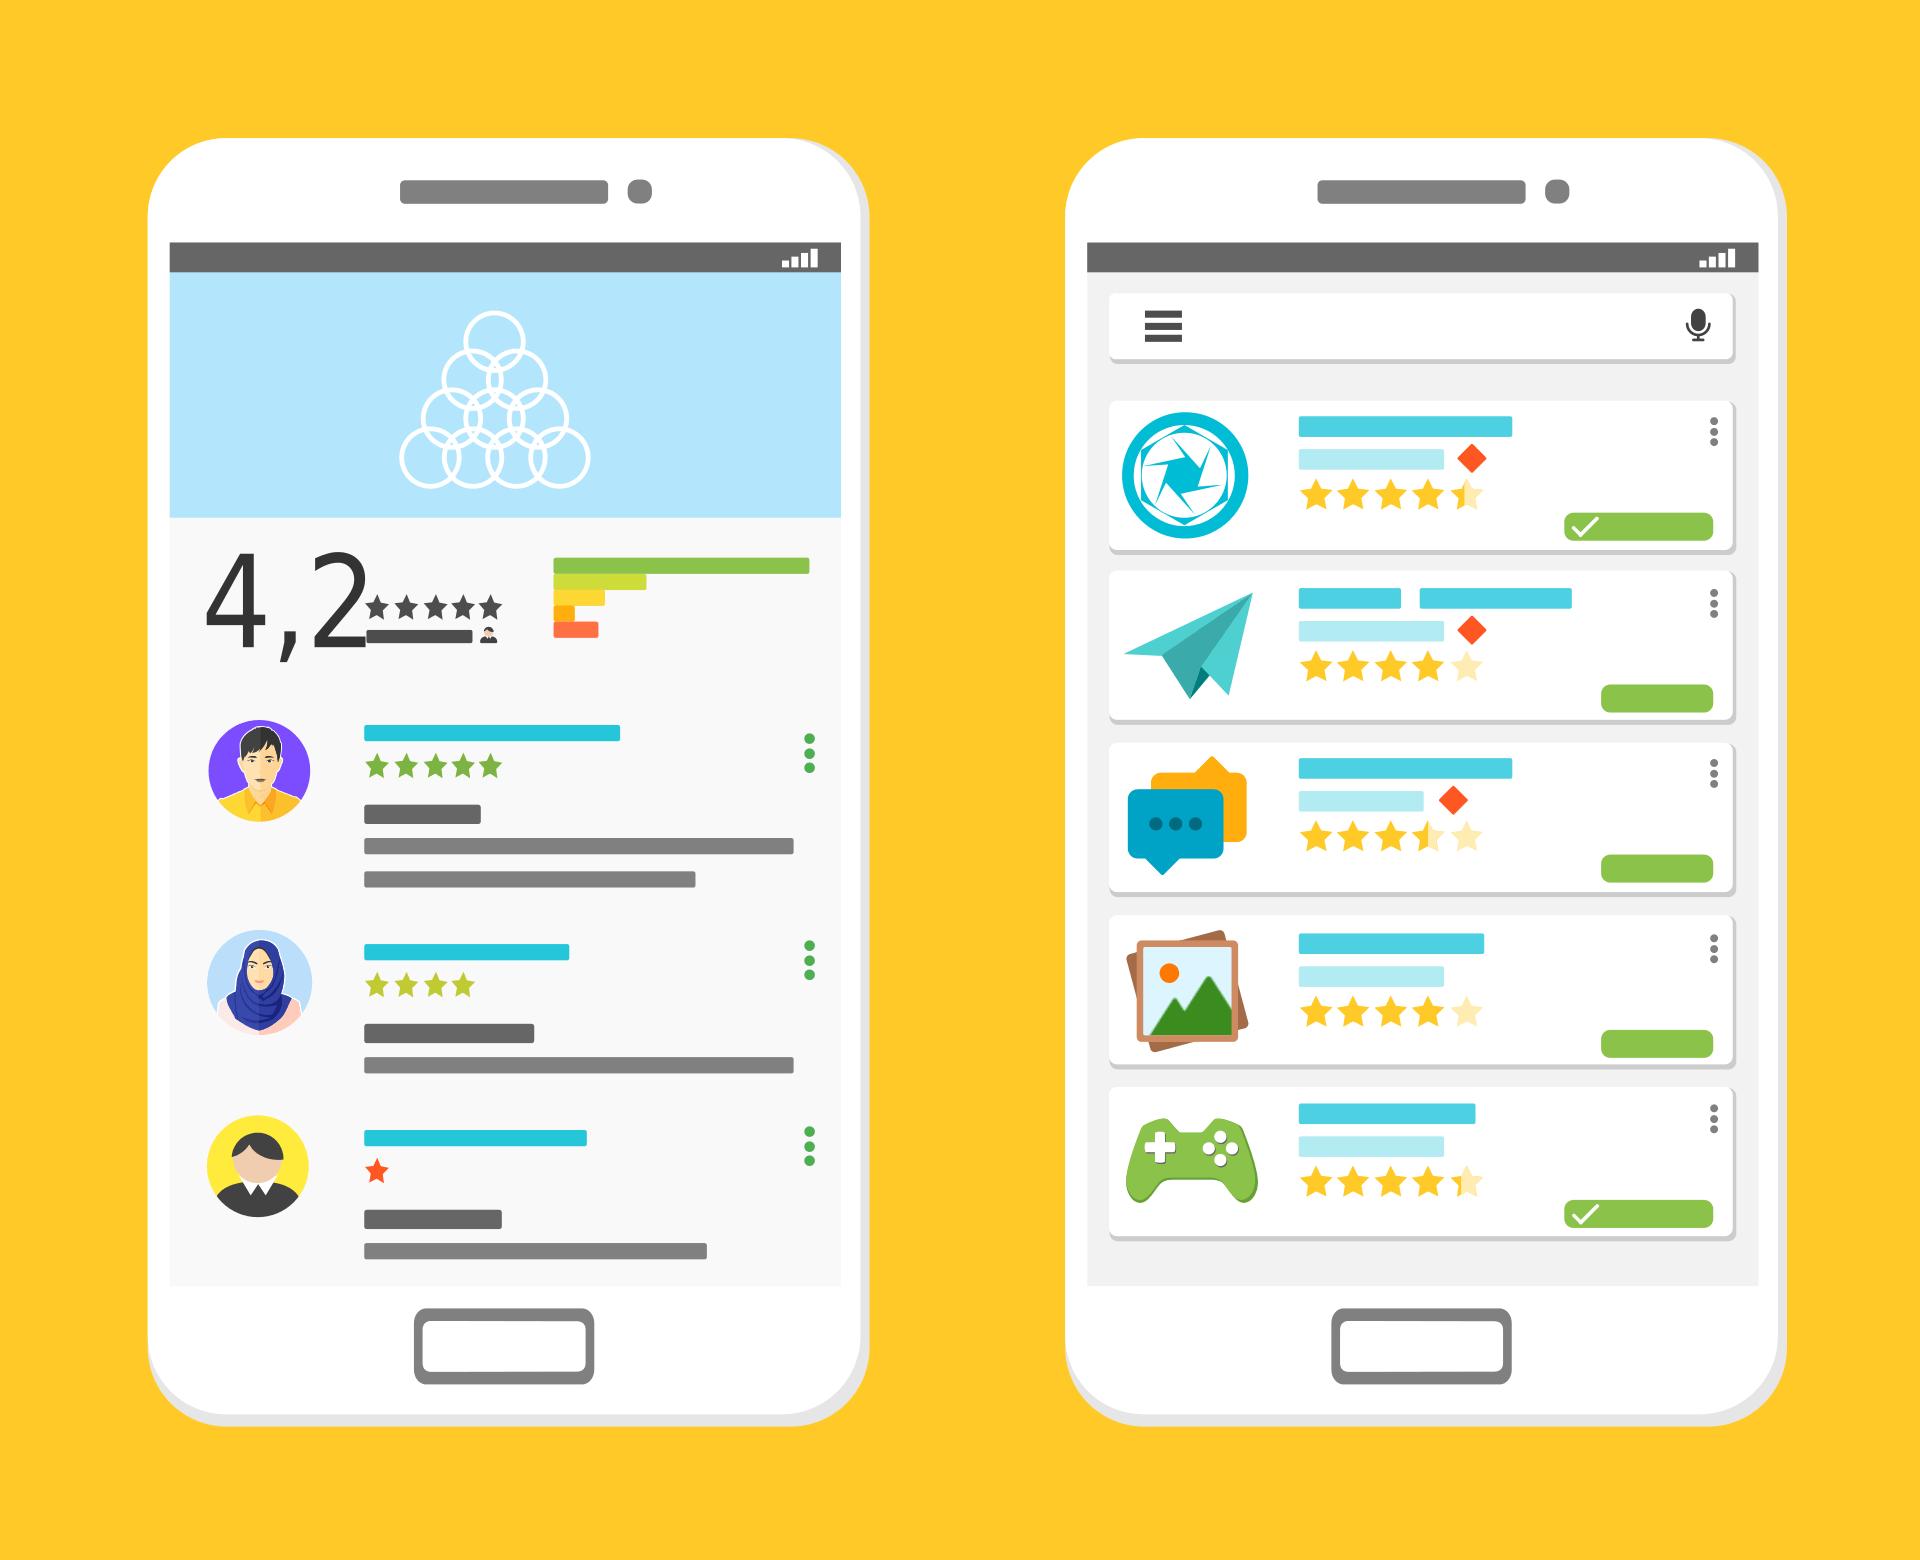 Le false recensioni gonfiano la valutazione di Facebook, Messenger, Skype, Instagram e WhatsApp (il cui nuovo Stato non piace)